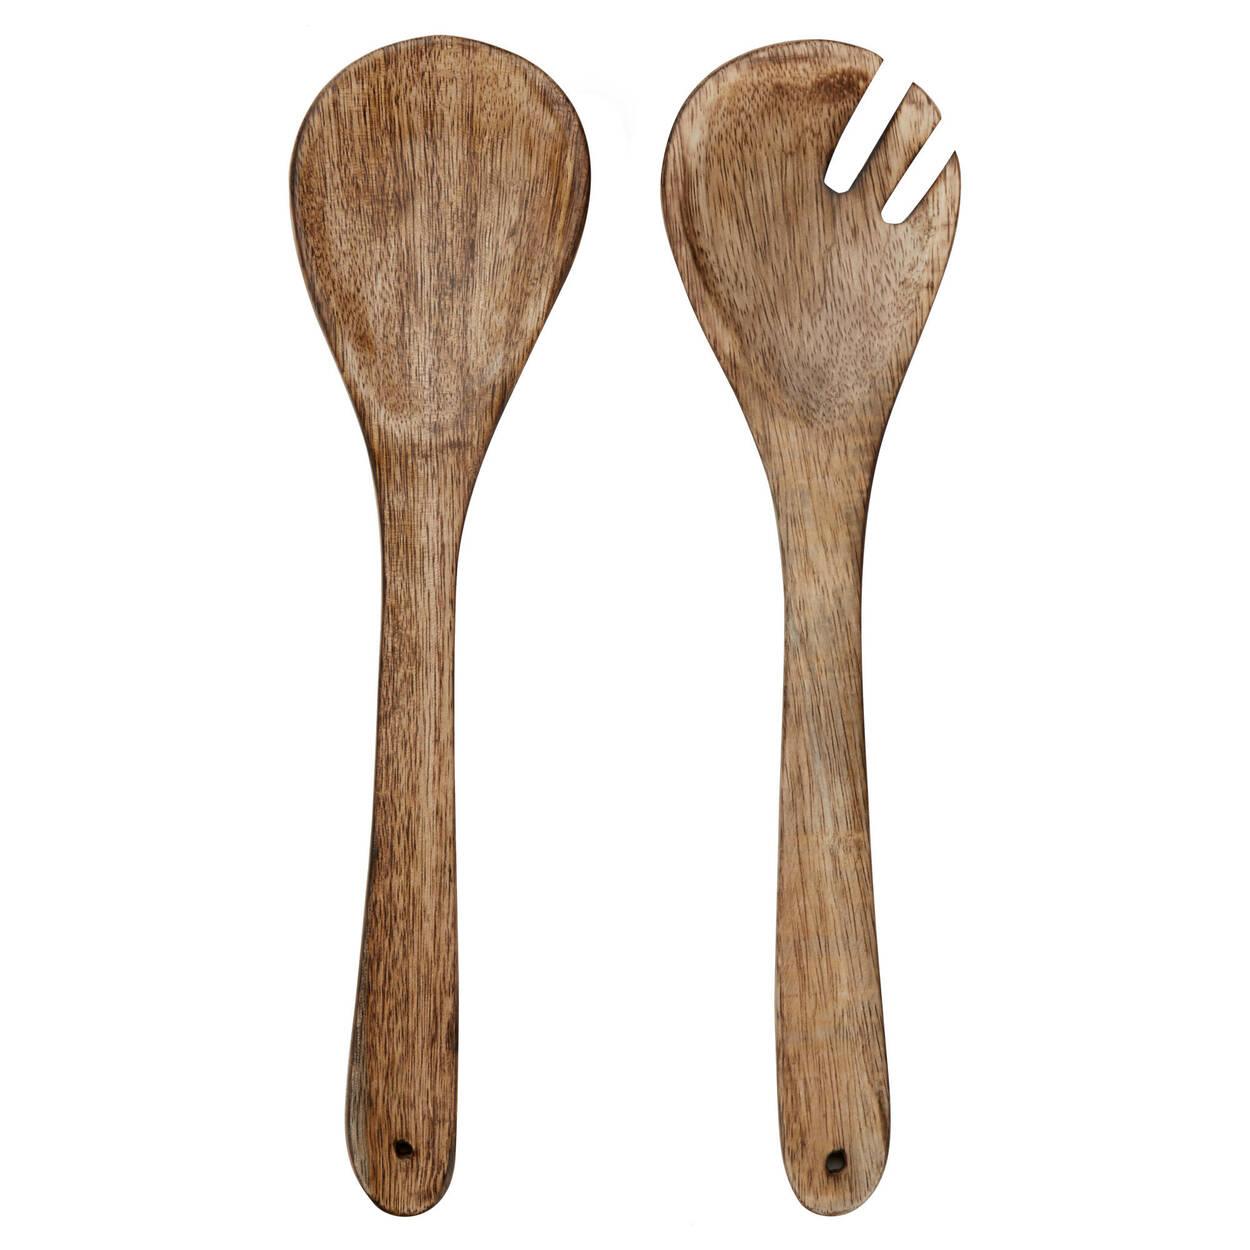 Ensemble de 2 ustensiles de service en bois de manguier